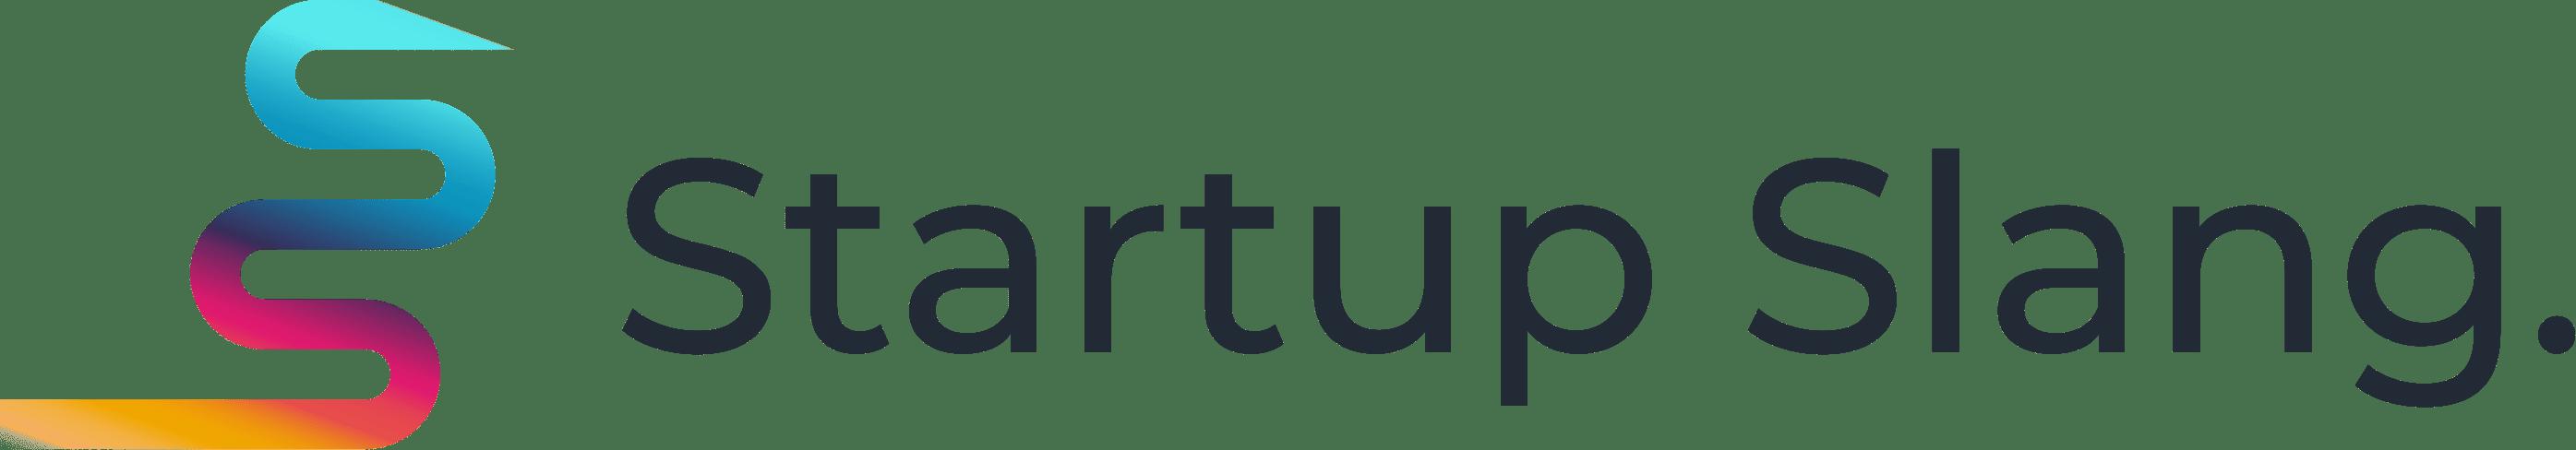 Startup Slang